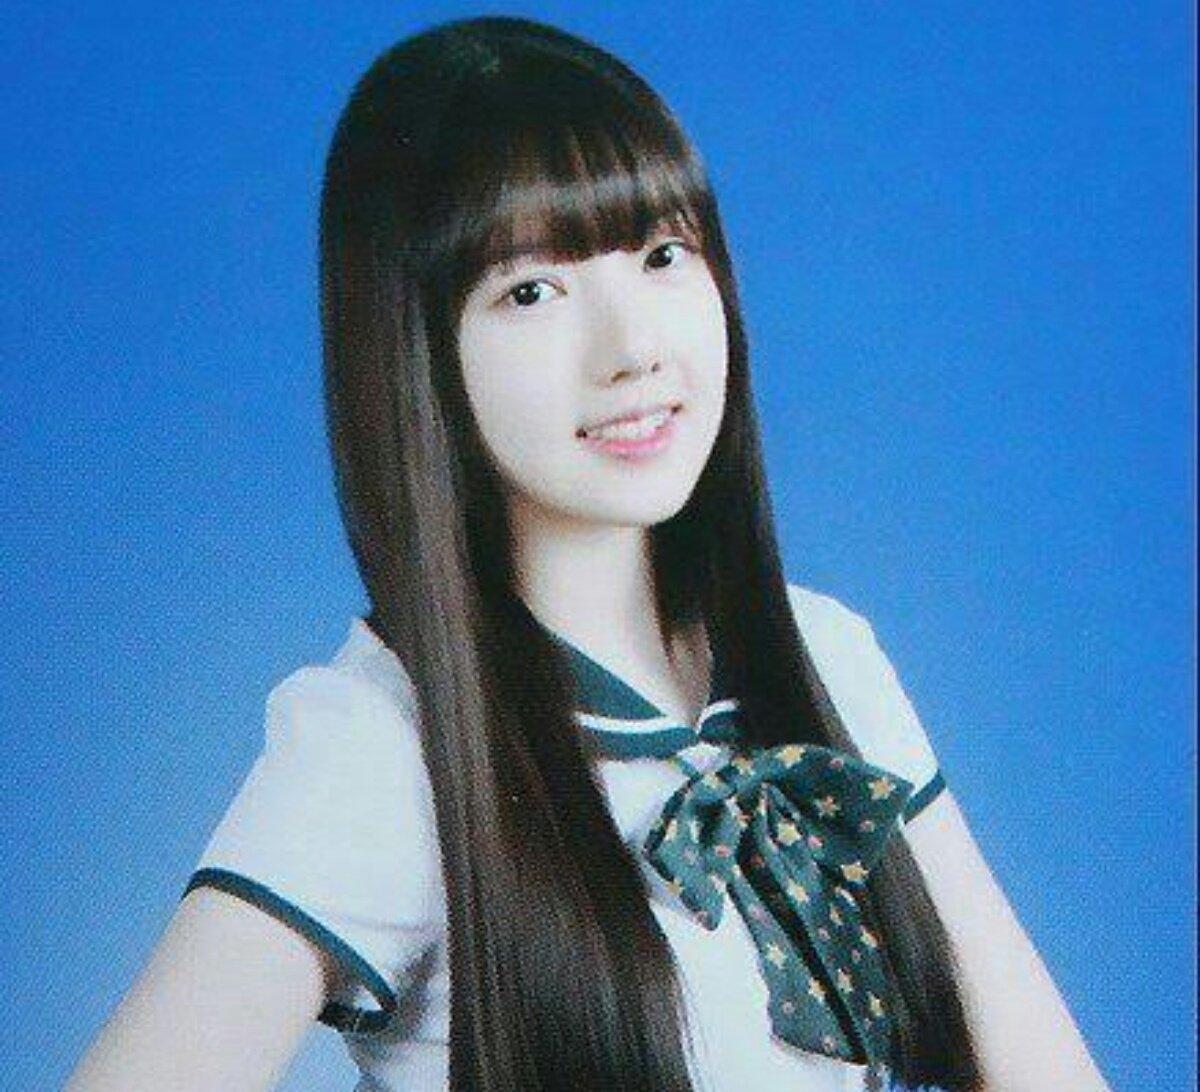 Ảnh tốt nghiệp của idol nữ khi chưa makeup, làm tóc cầu kỳ: Irene như nữ thần, Jisoo lại khác quá khác - Ảnh 8